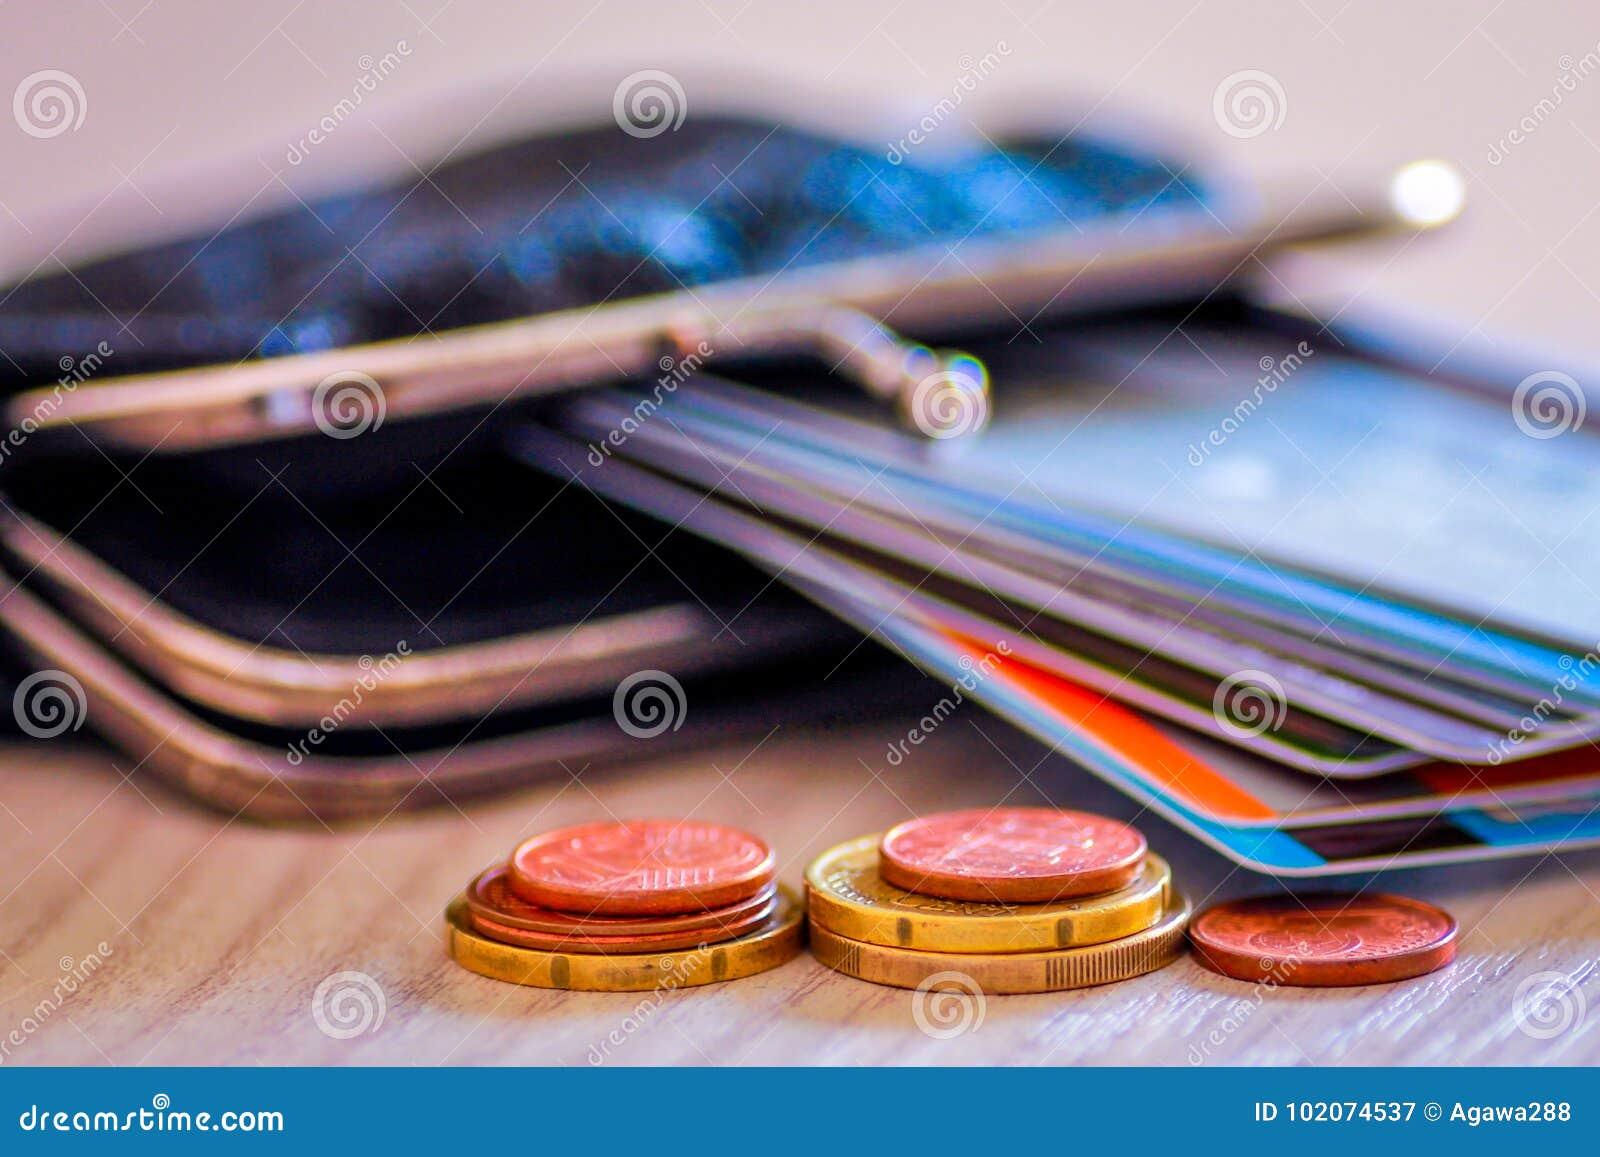 Crédito y tarjetas de débito y monedas en cartera